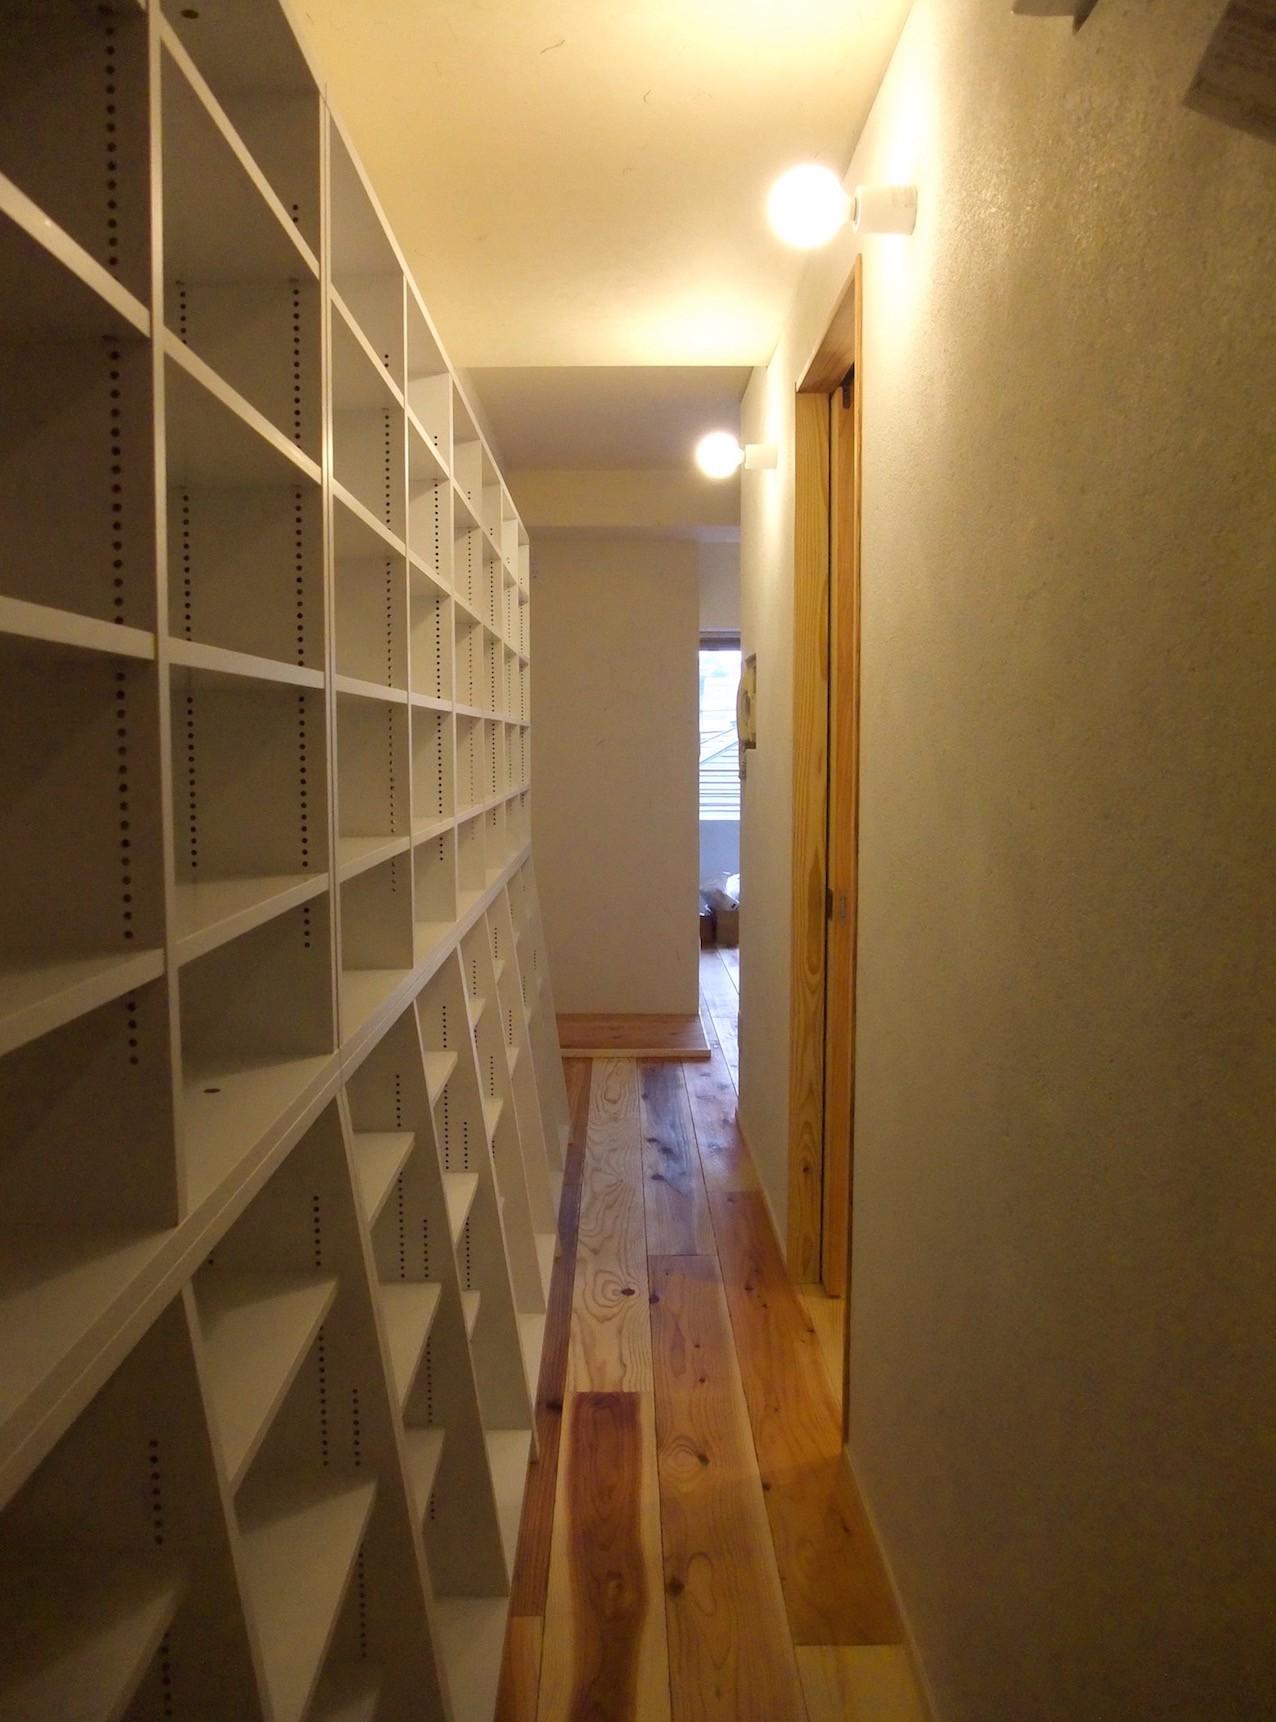 収納事例:パントリー的壁面収納のある小道02(Edelweiss renovation 〜 ふたり暮らしのリノベーション 〜)